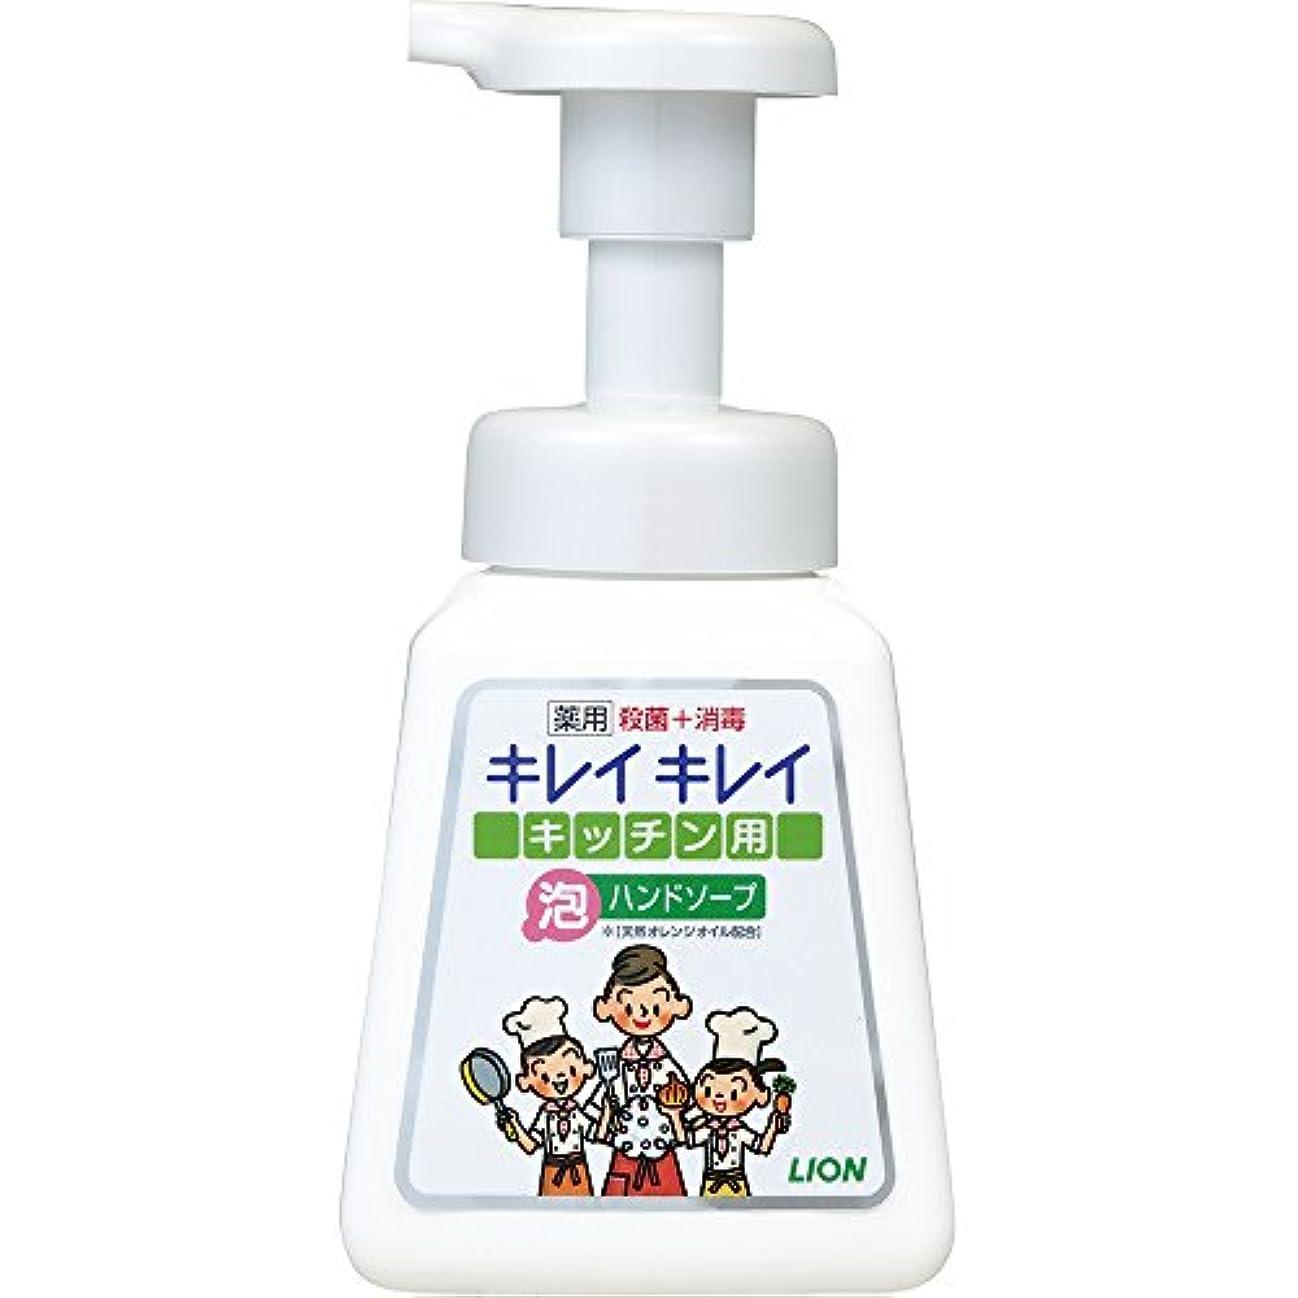 放置一口スワップキレイキレイ 薬用 キッチン泡ハンドソープ 本体ポンプ 230ml(医薬部外品)